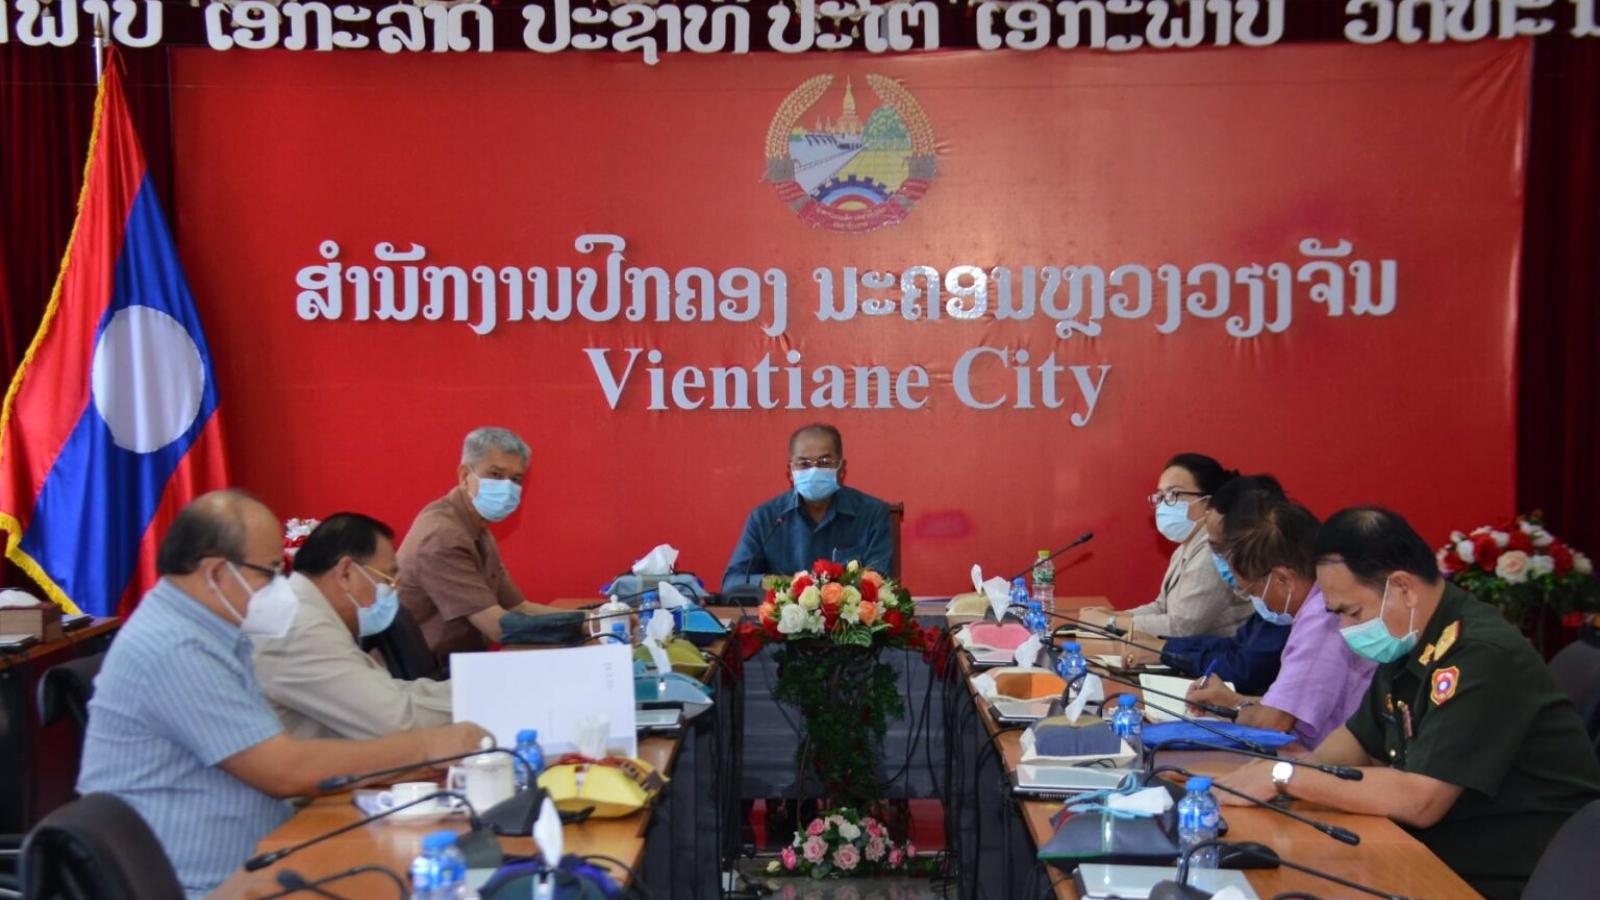 Lào tiếp tục phong tỏa thủ đô Vientiane đến ngày 19/6